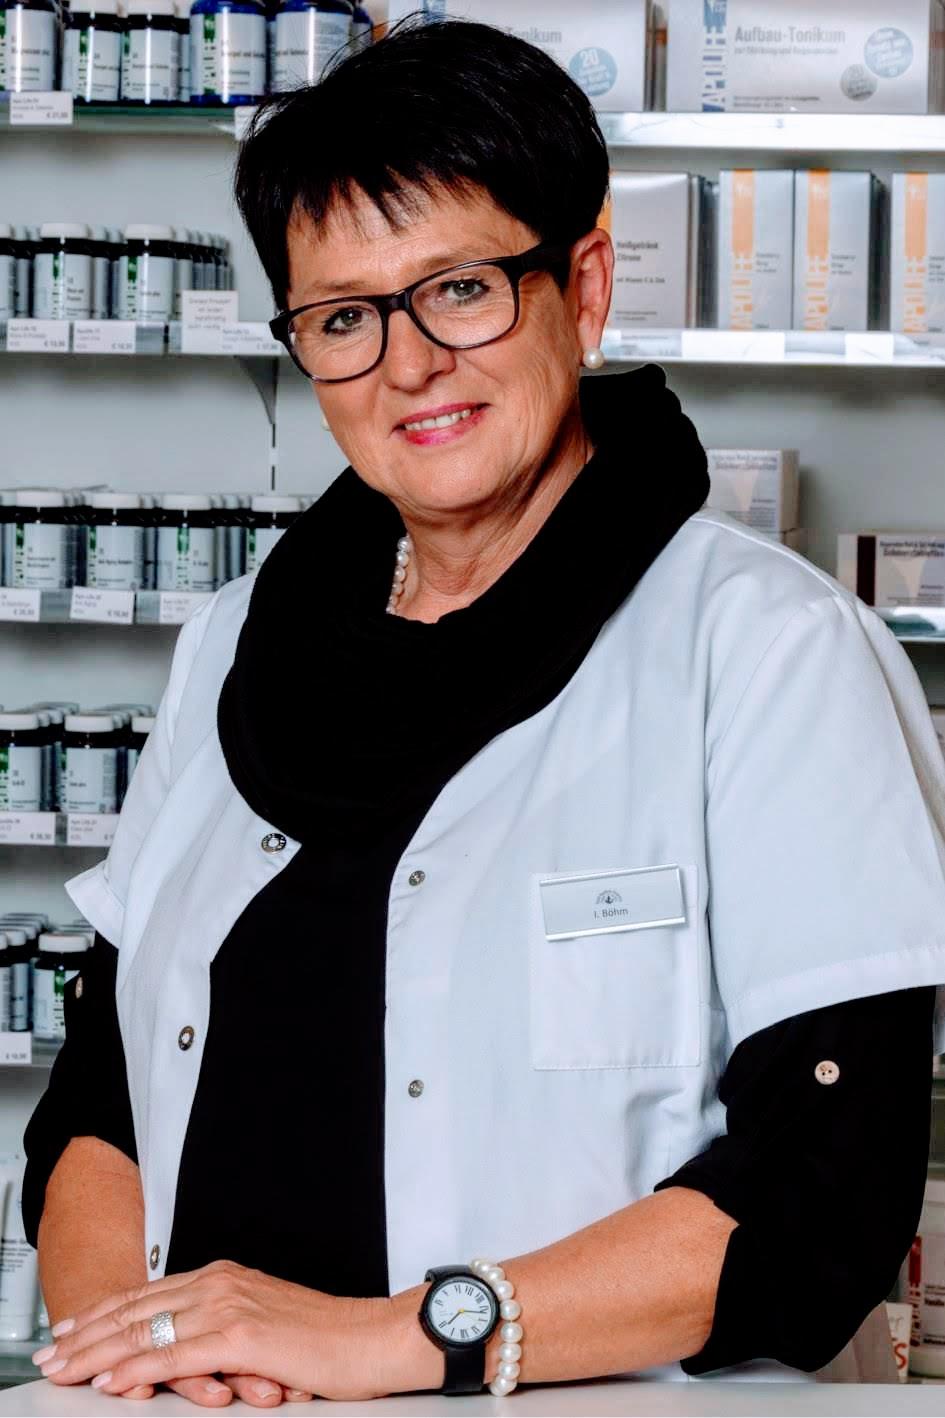 Irene Böhm